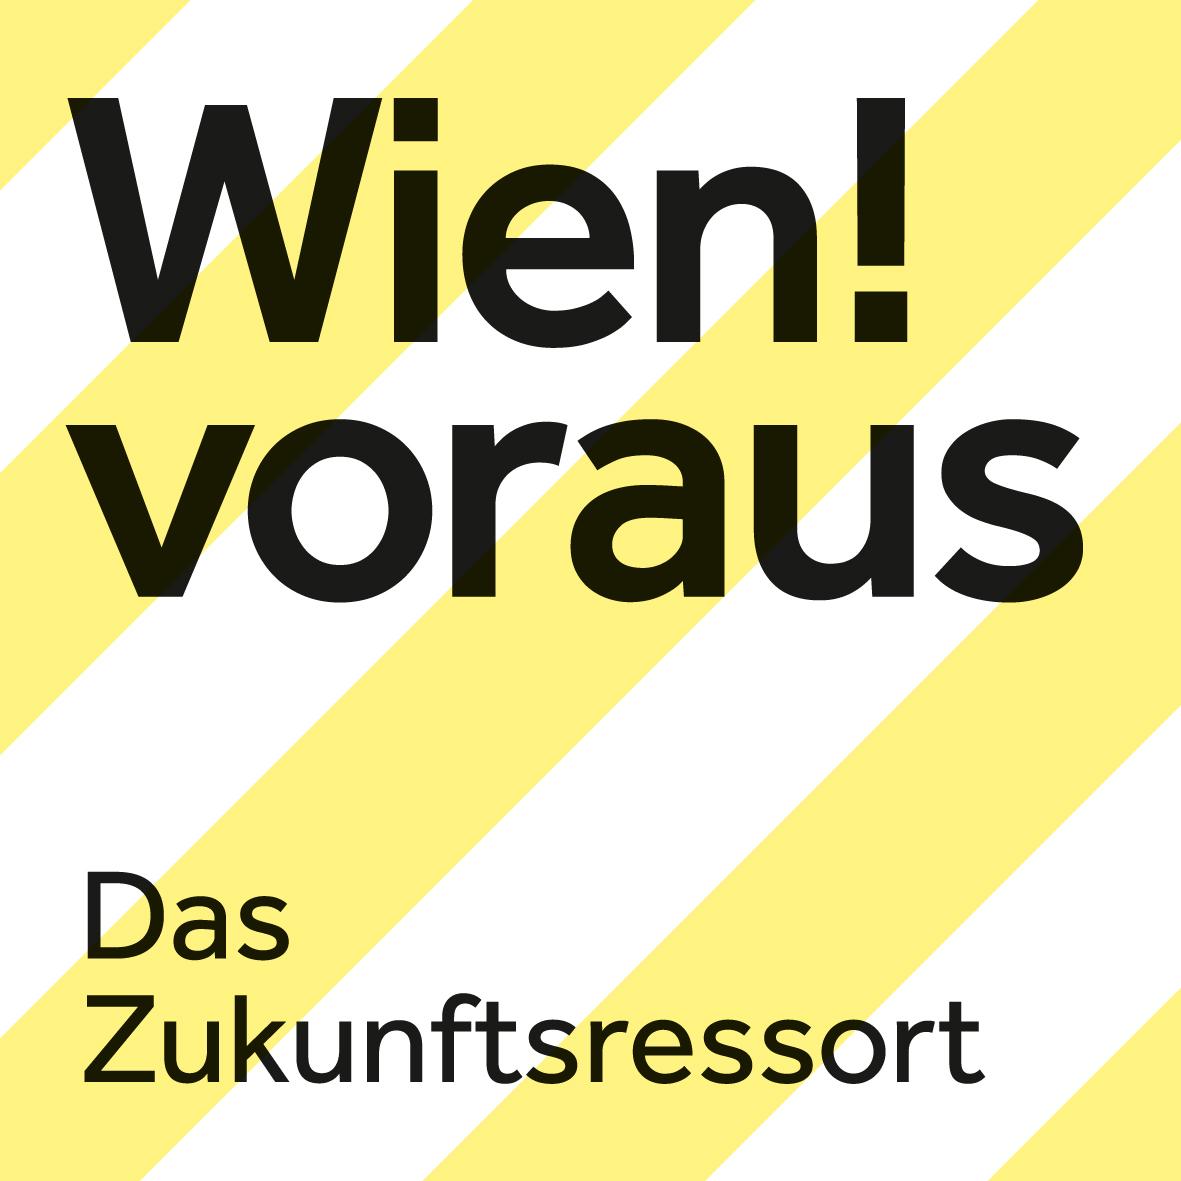 Wien voraus